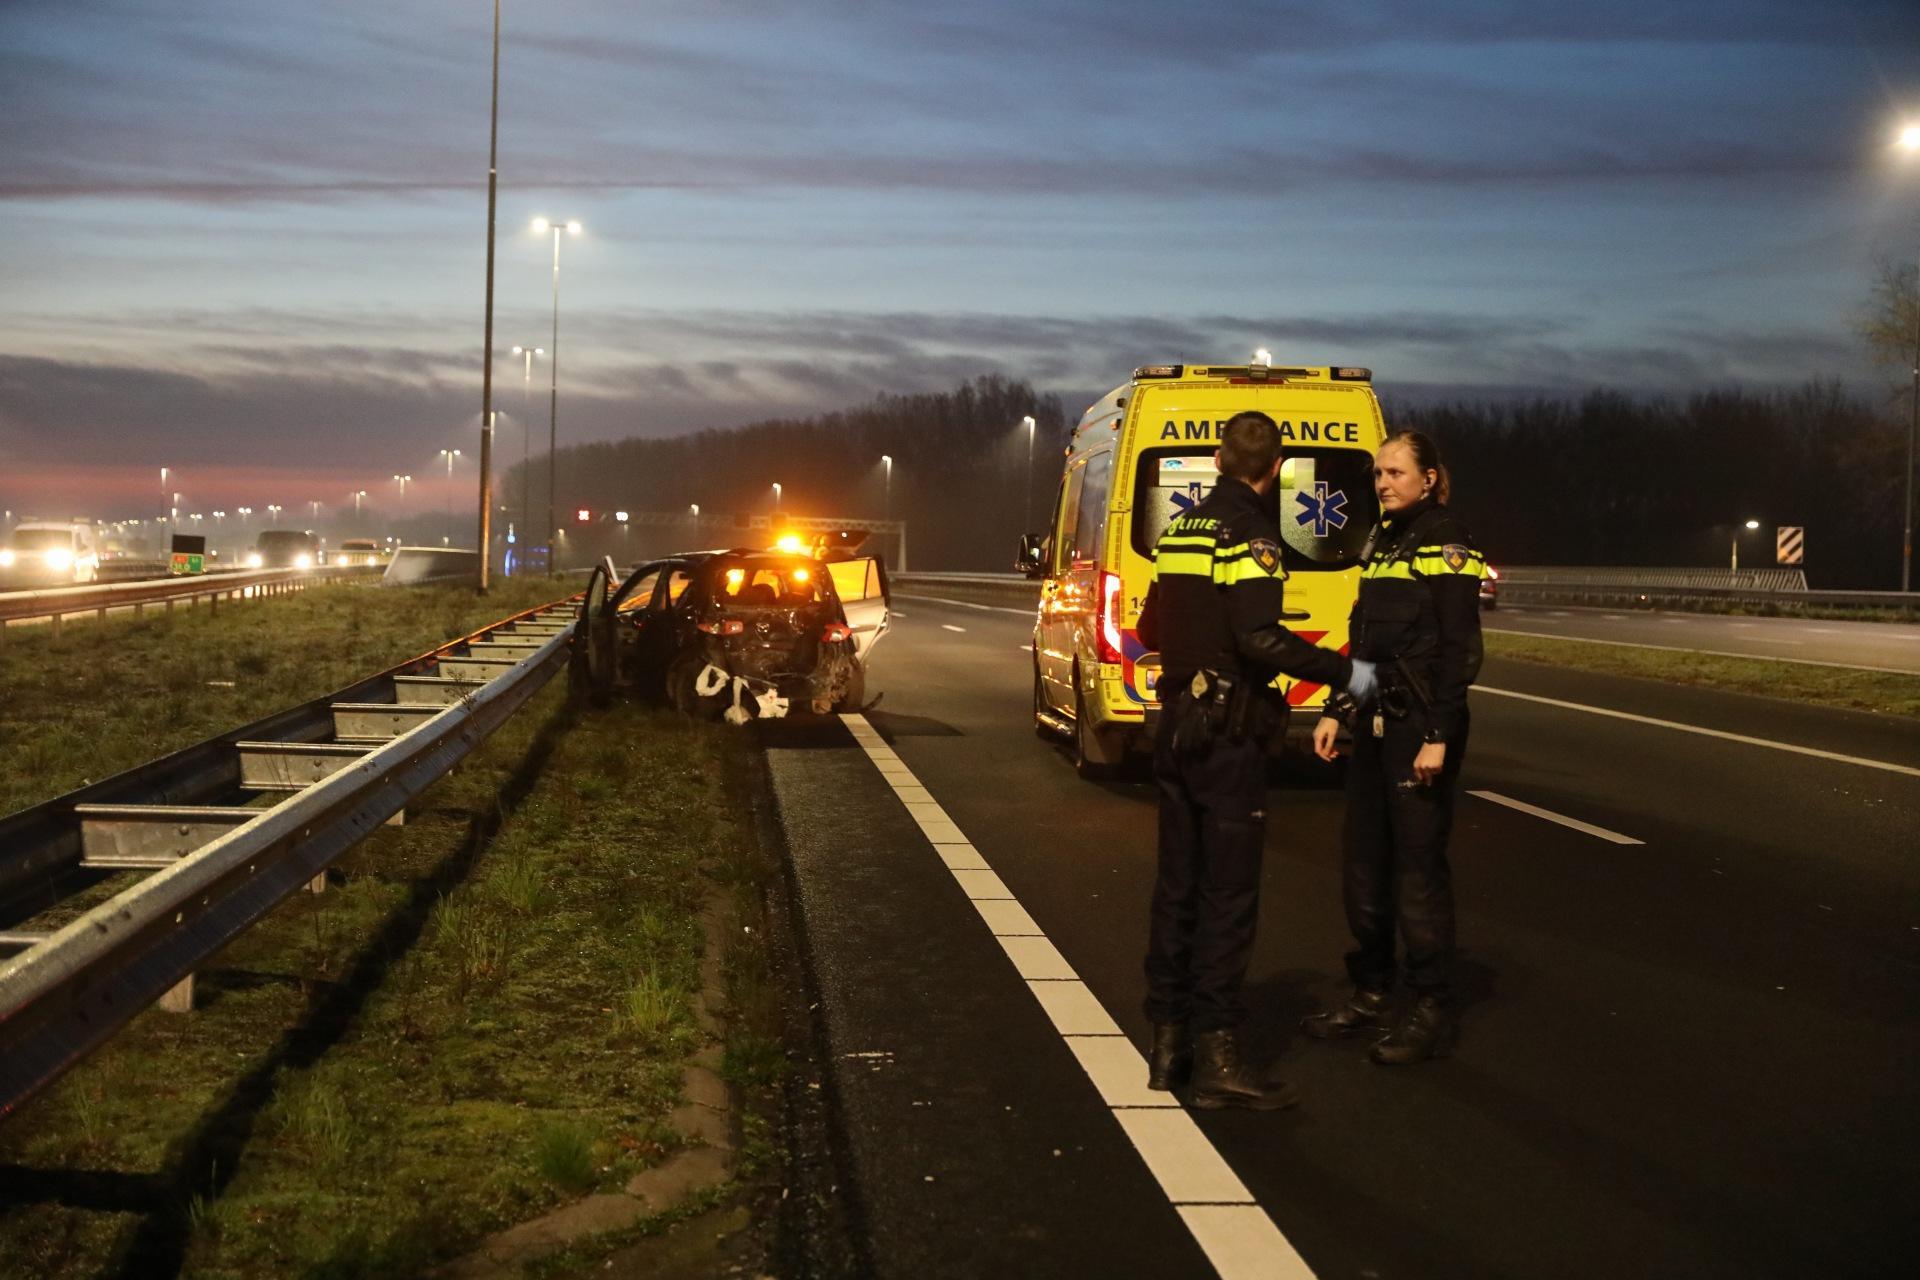 Kop-staartbotsing op A1 bij afrit Baarn: politie onderzoekt de oorzaak